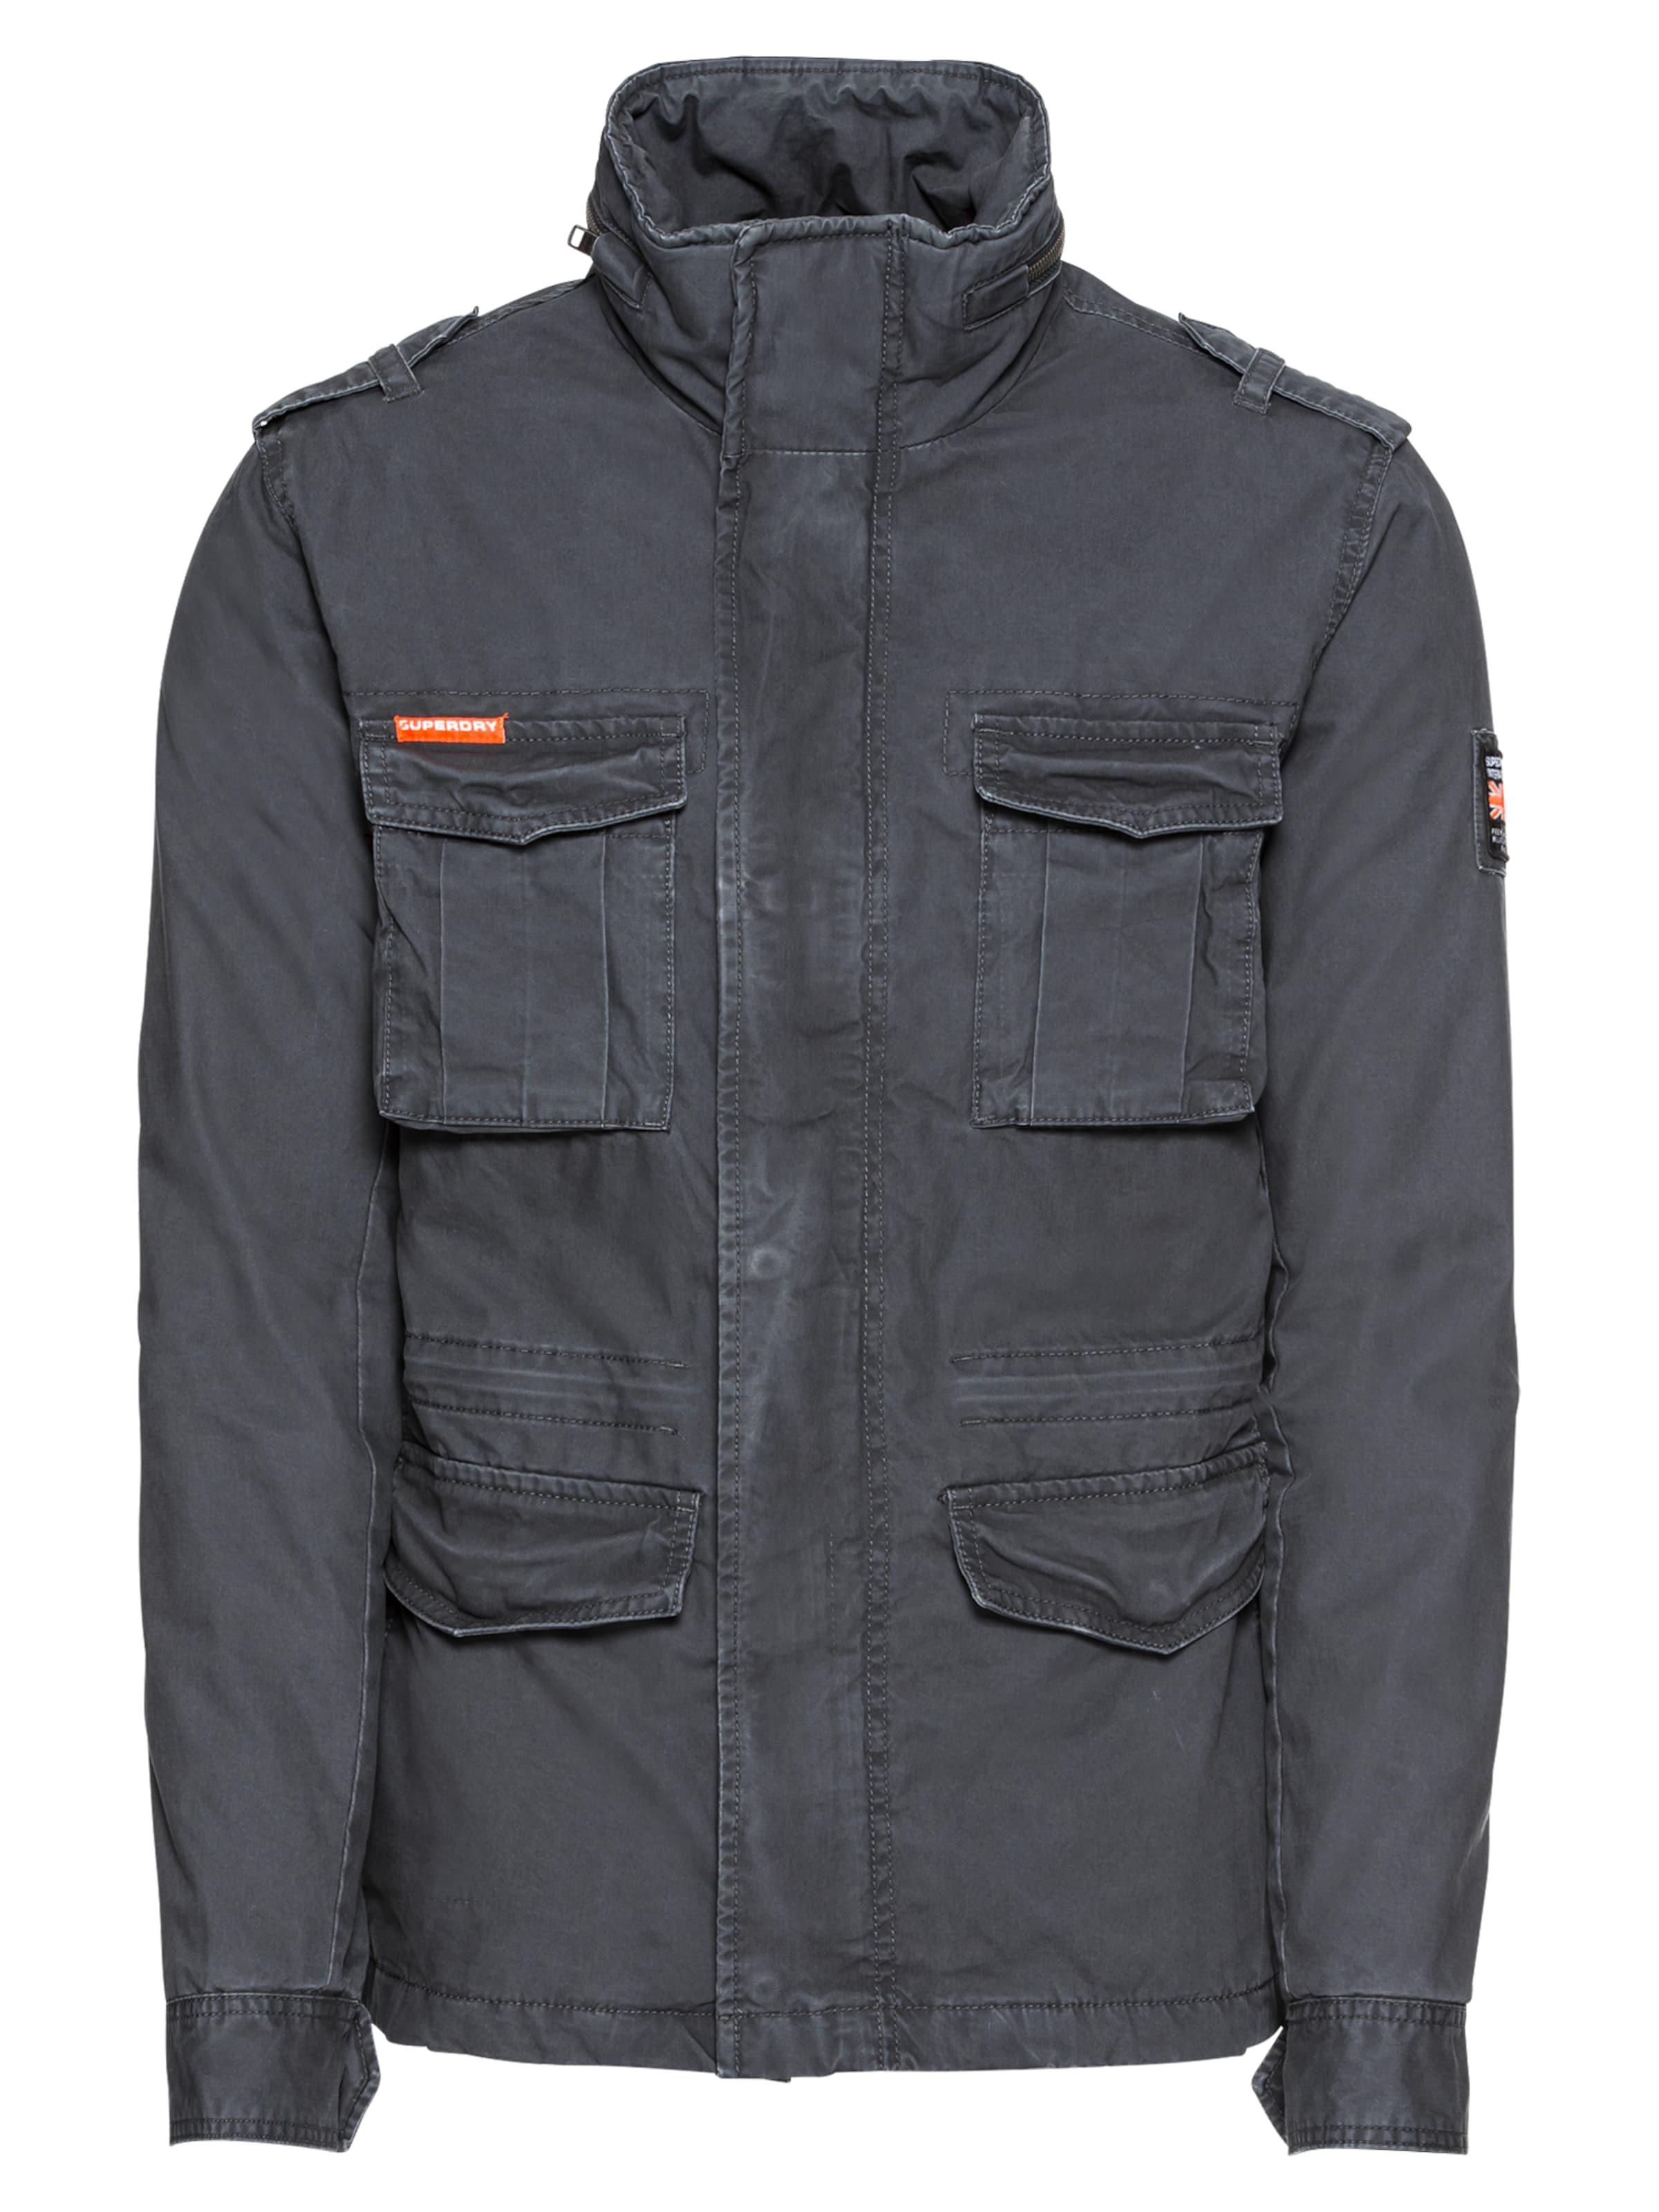 Veste Foncé Gris saison Mi 'classic Military Superdry Rookie Jacket' En Ybfgy7v6